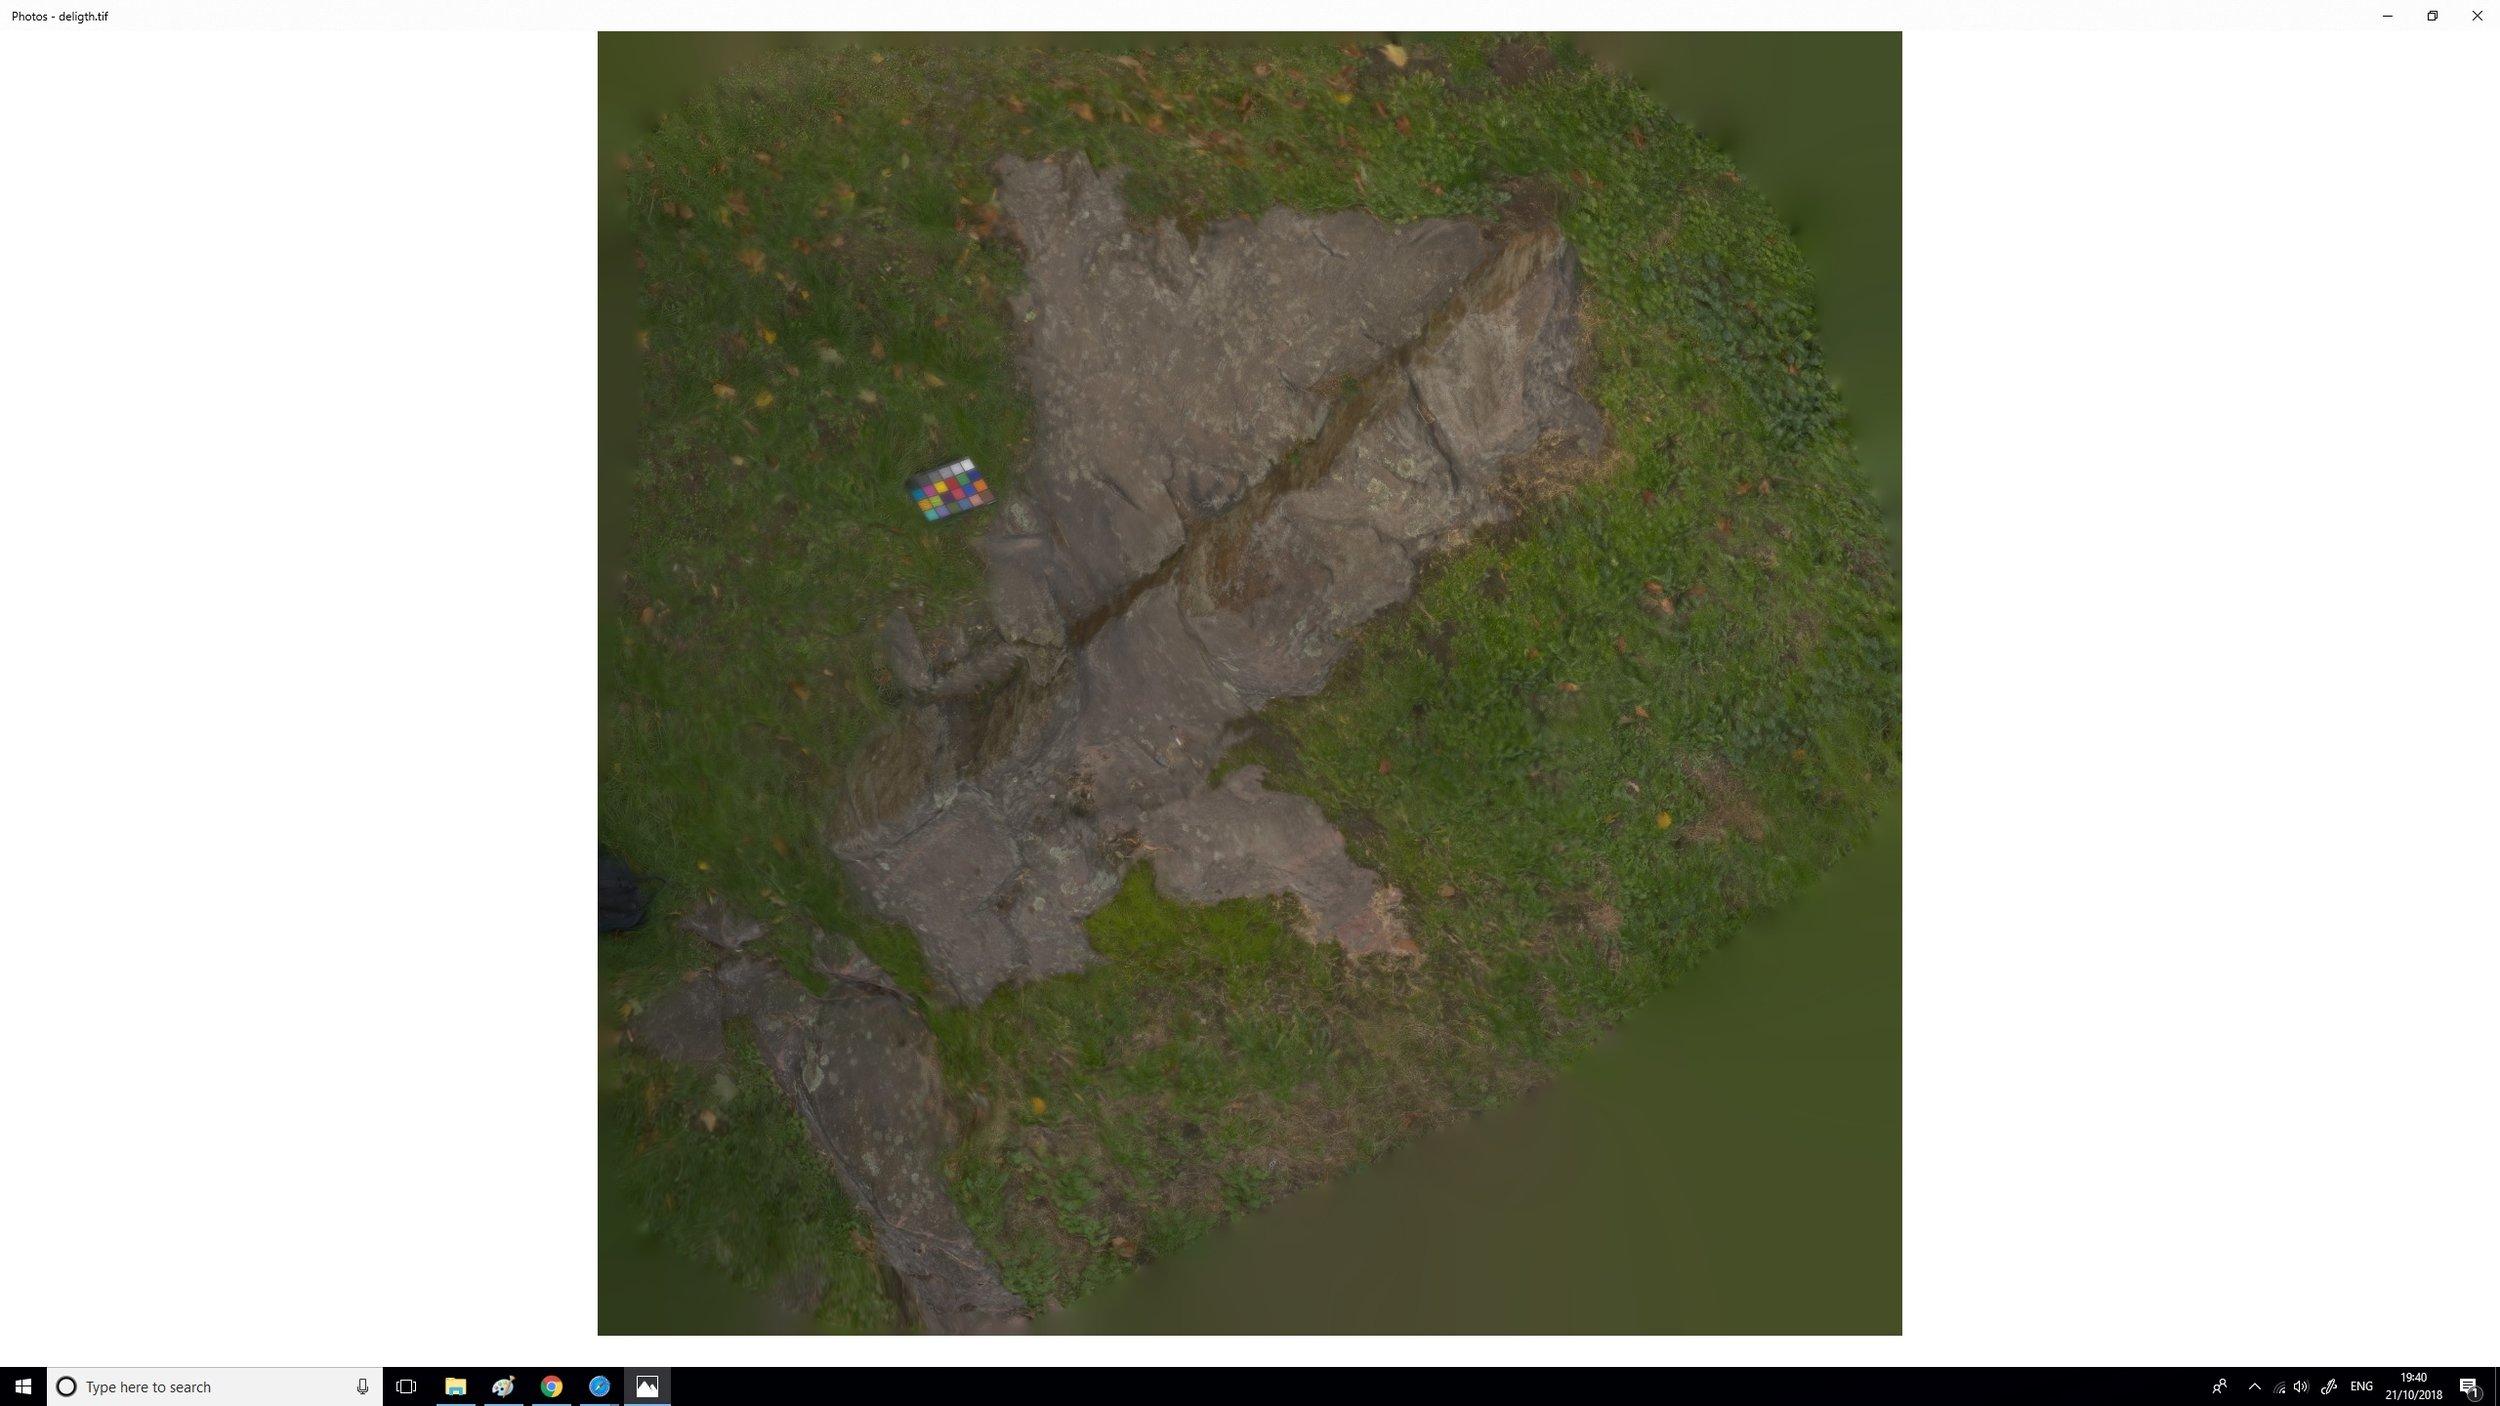 Y para terminar, unos renders de la roca, incluyendo el displacement y un albedo.